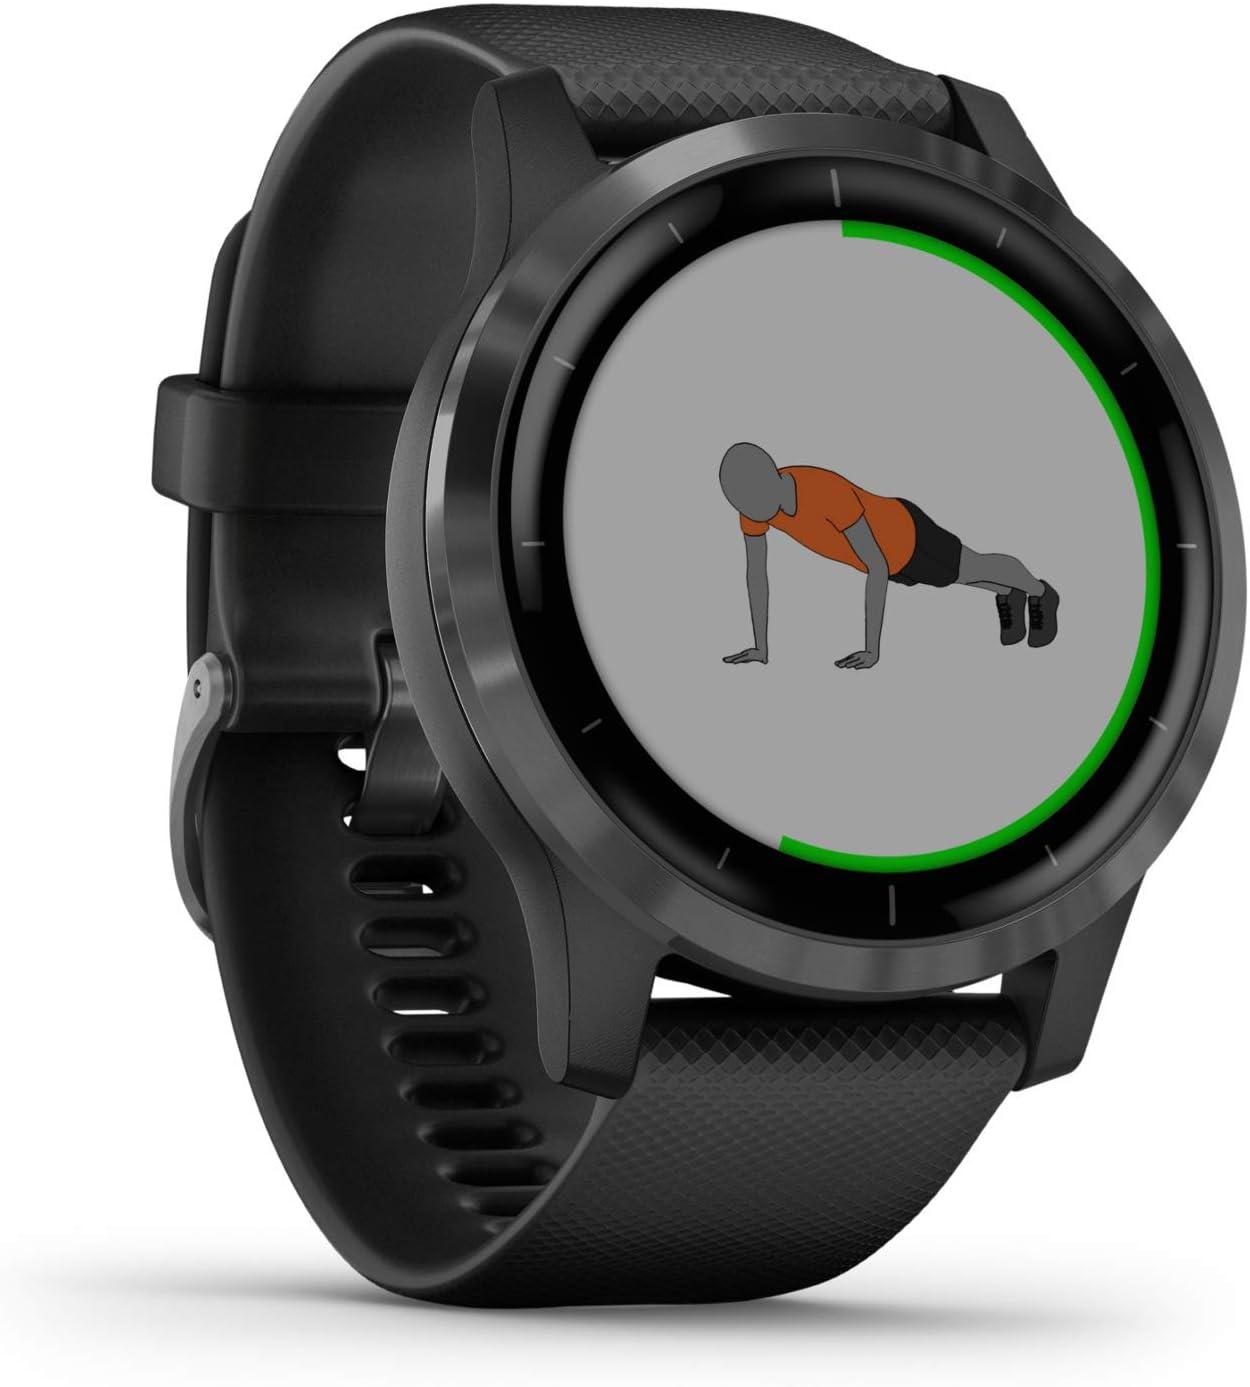 Garmin Vivoactive 4 - Reloj inteligente con GPS y funciones de control de la salud durante todo el día, color negro